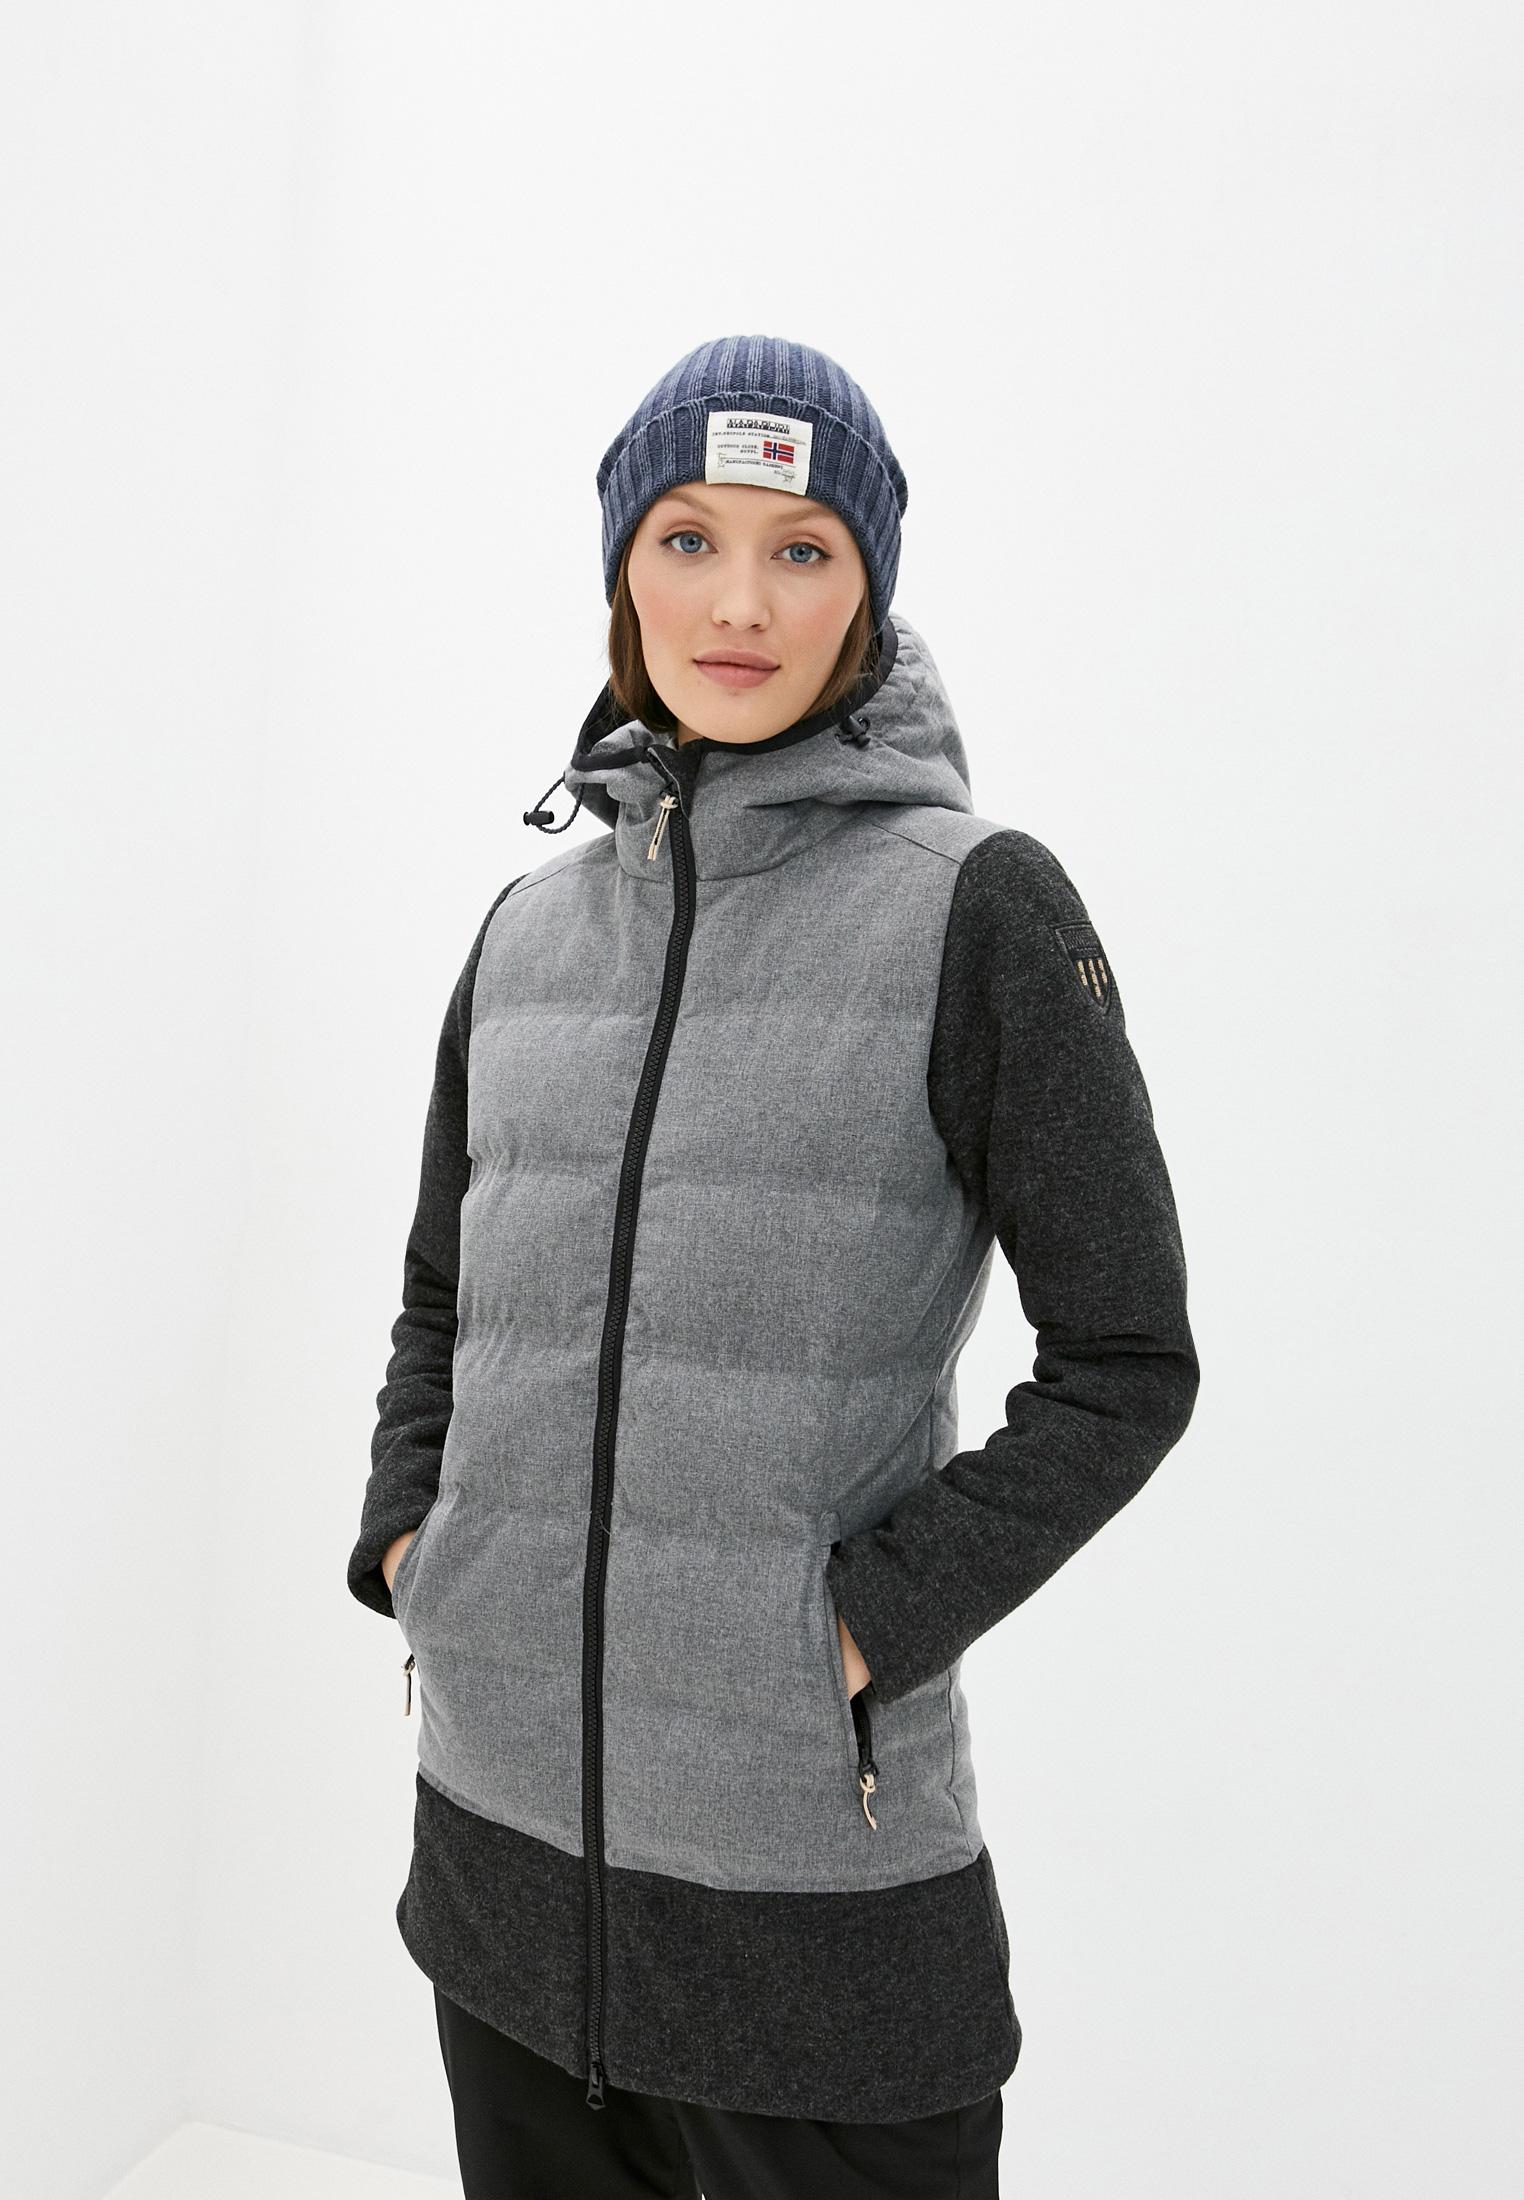 Женская верхняя одежда Torstai 641201024VRU